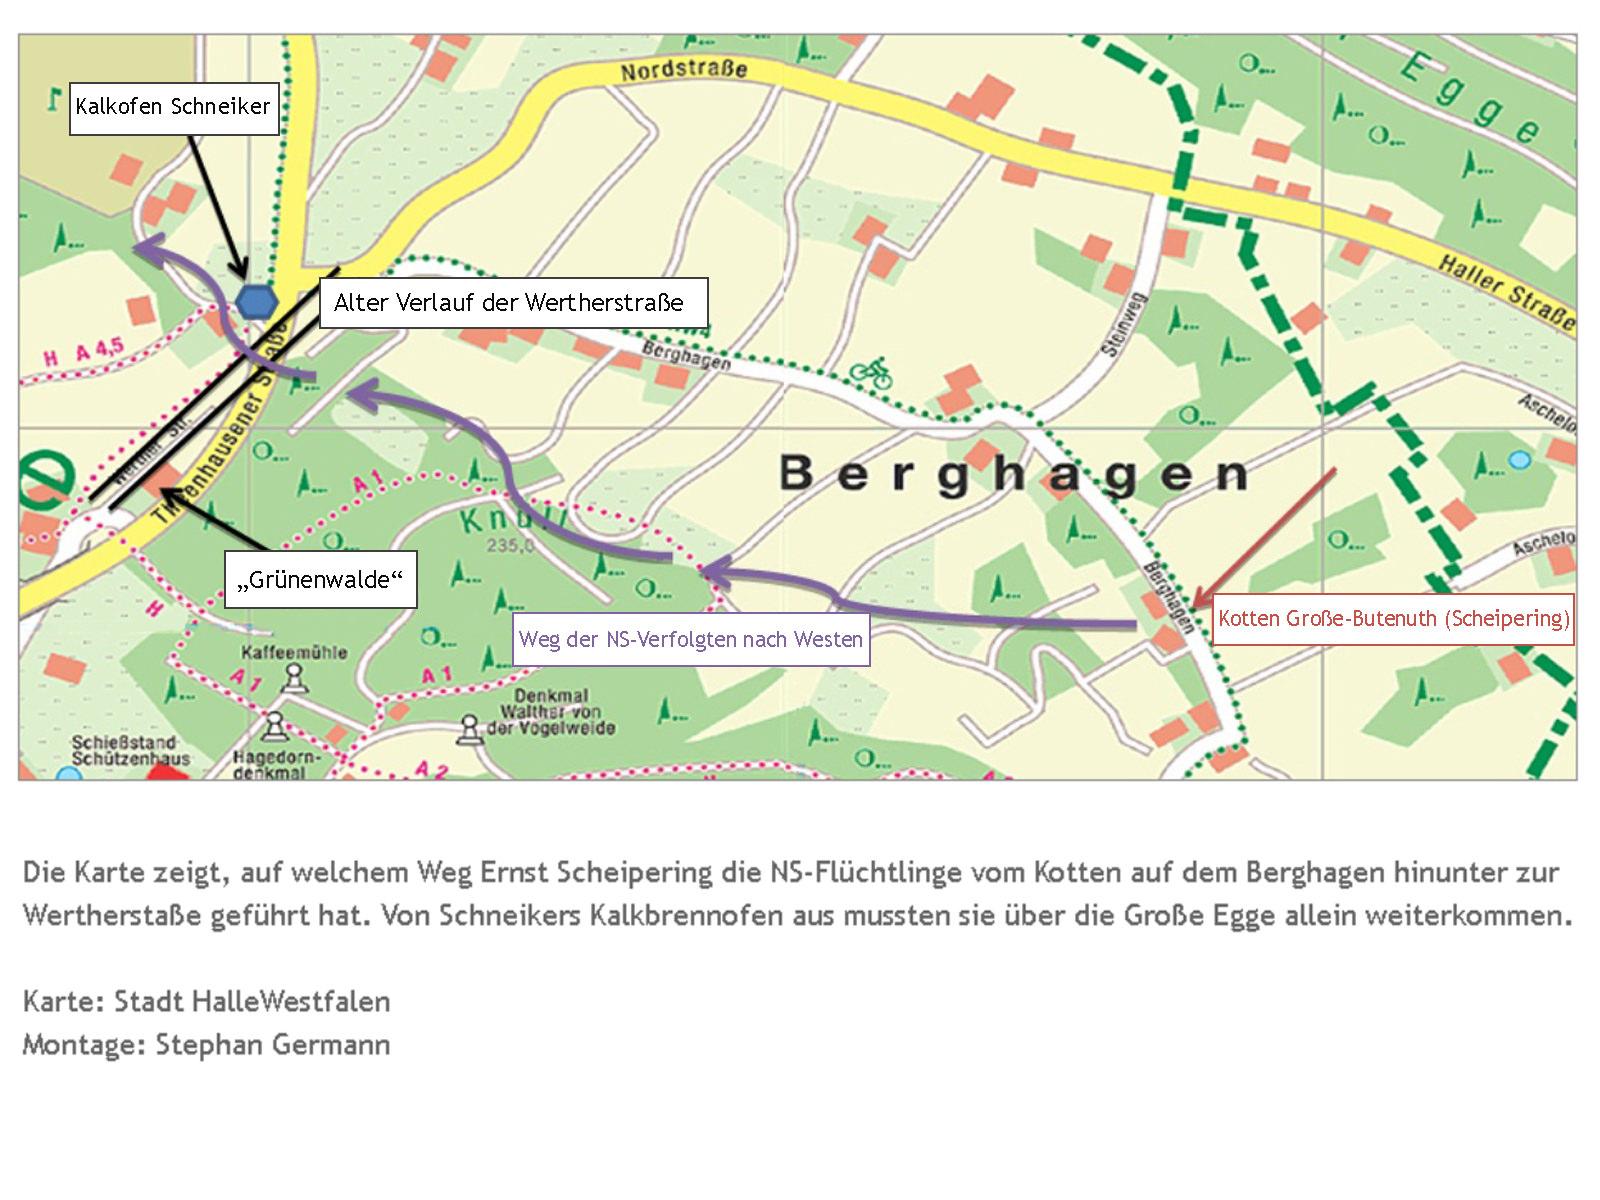 Karte des Fluchtweges NS-Verfolgter über den Teutoburger Wald bei Ascheloh (Halle/Westfalen)